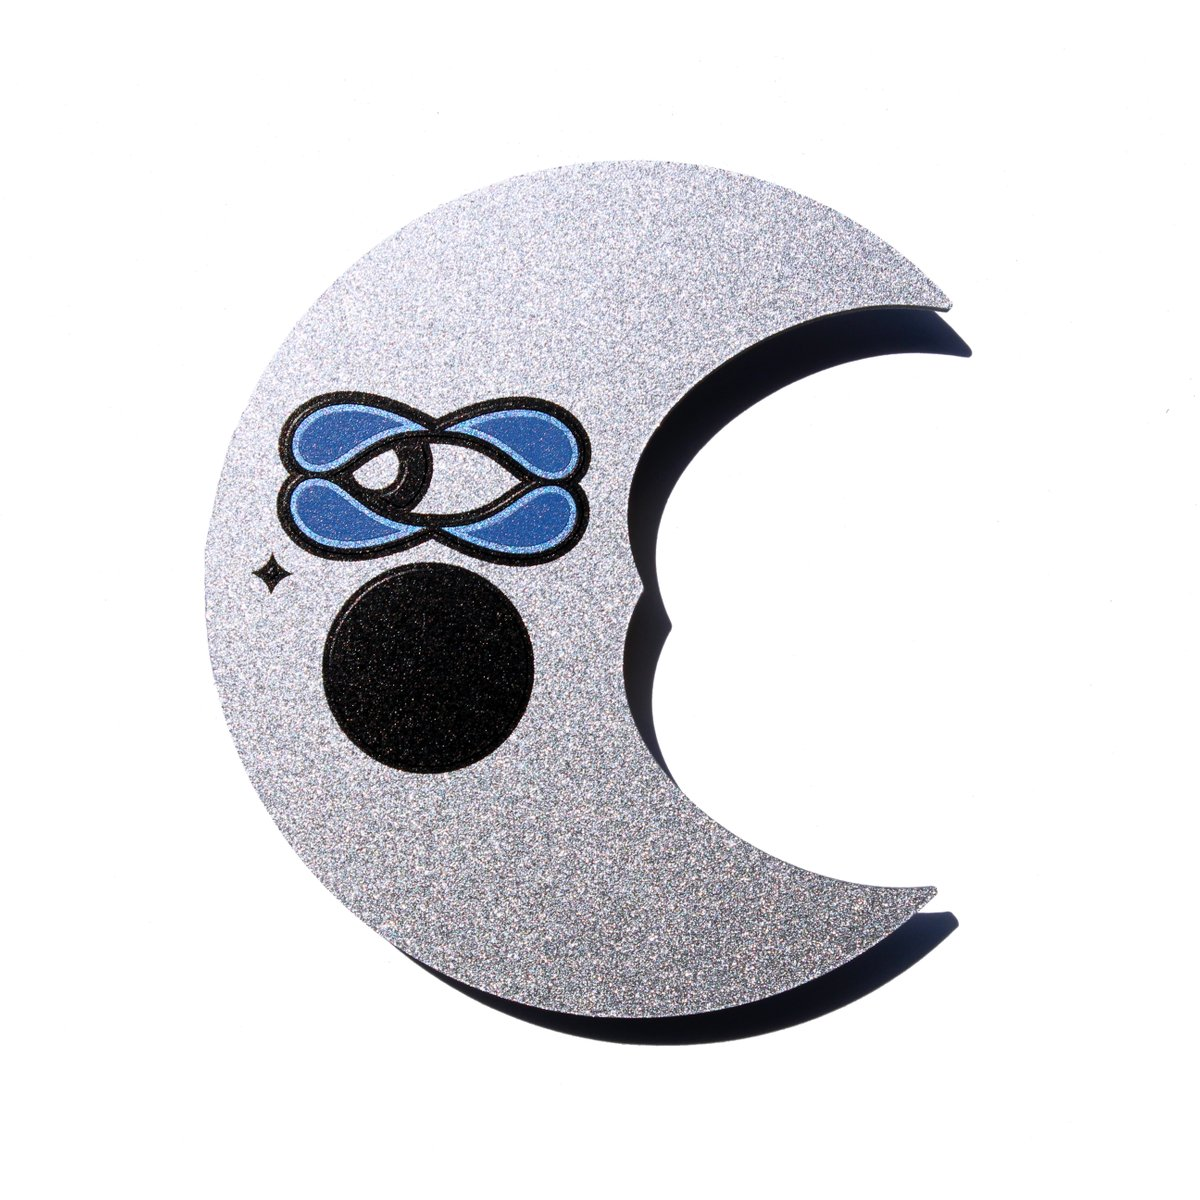 La Luna brooch